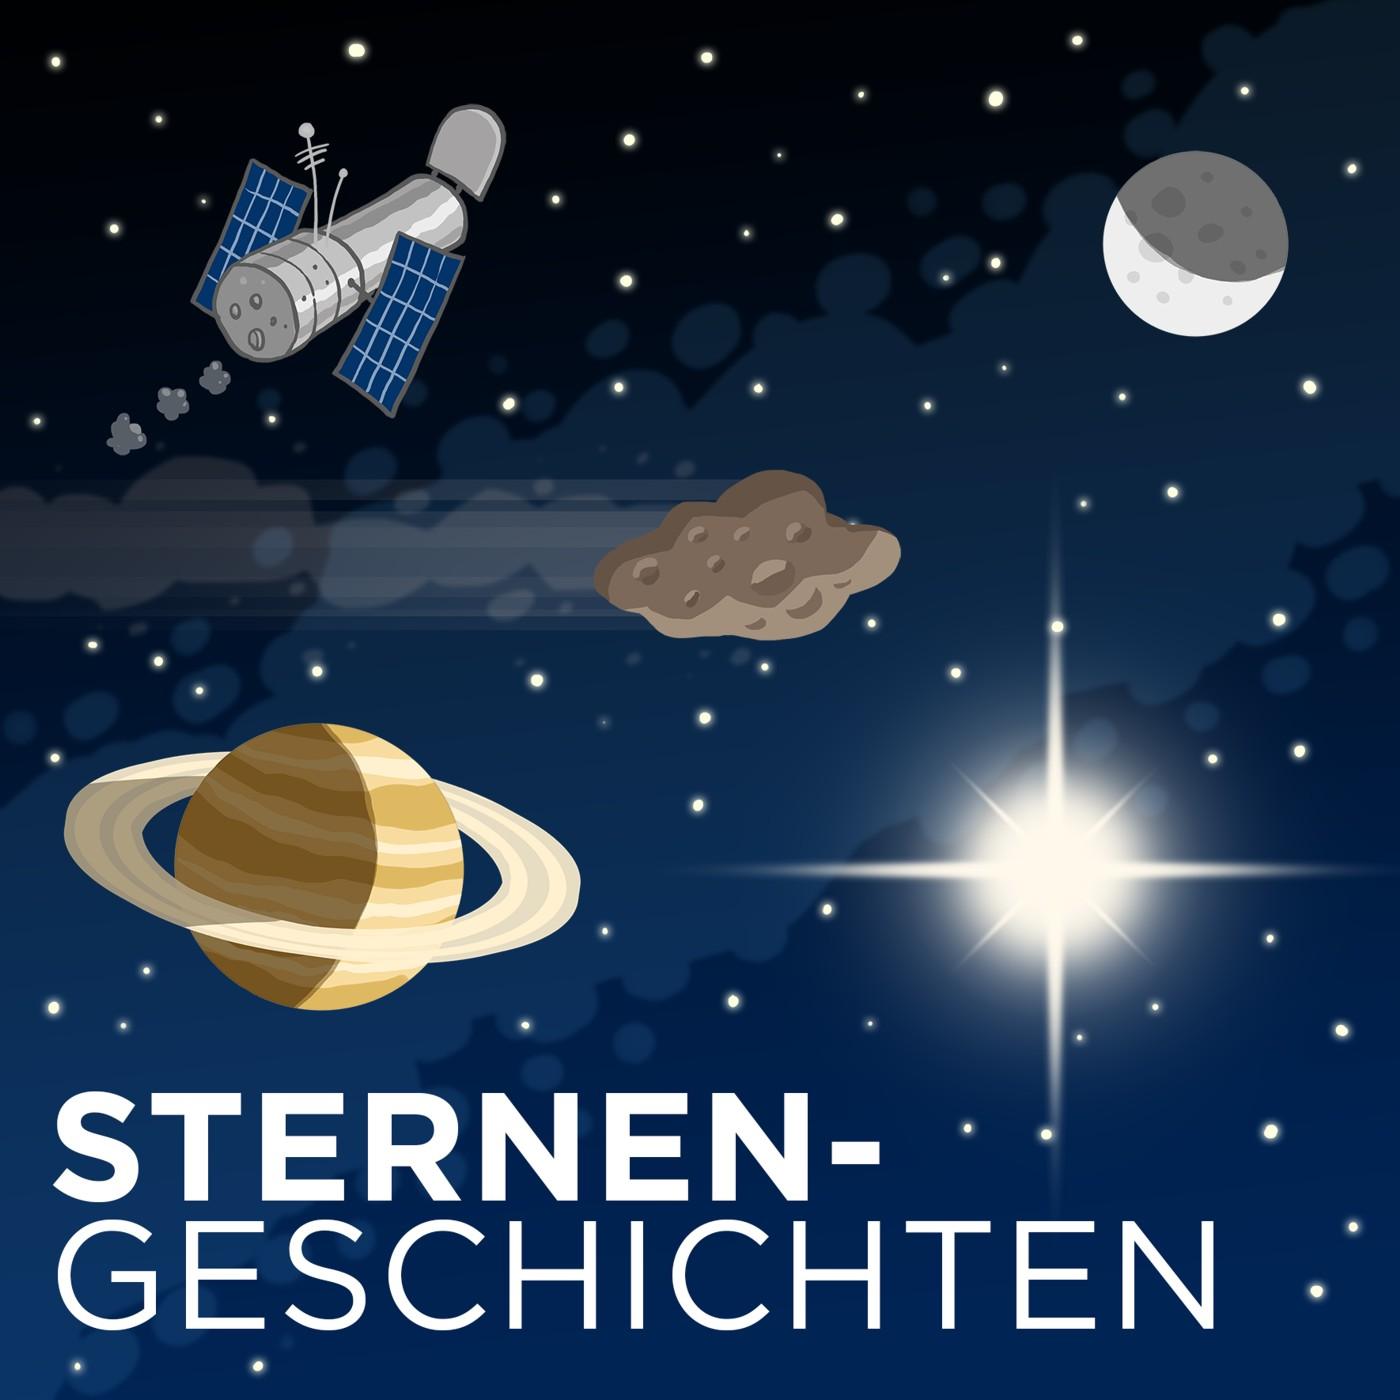 Sternengeschichten Folge 423: Die Feinabstimmung des Universums